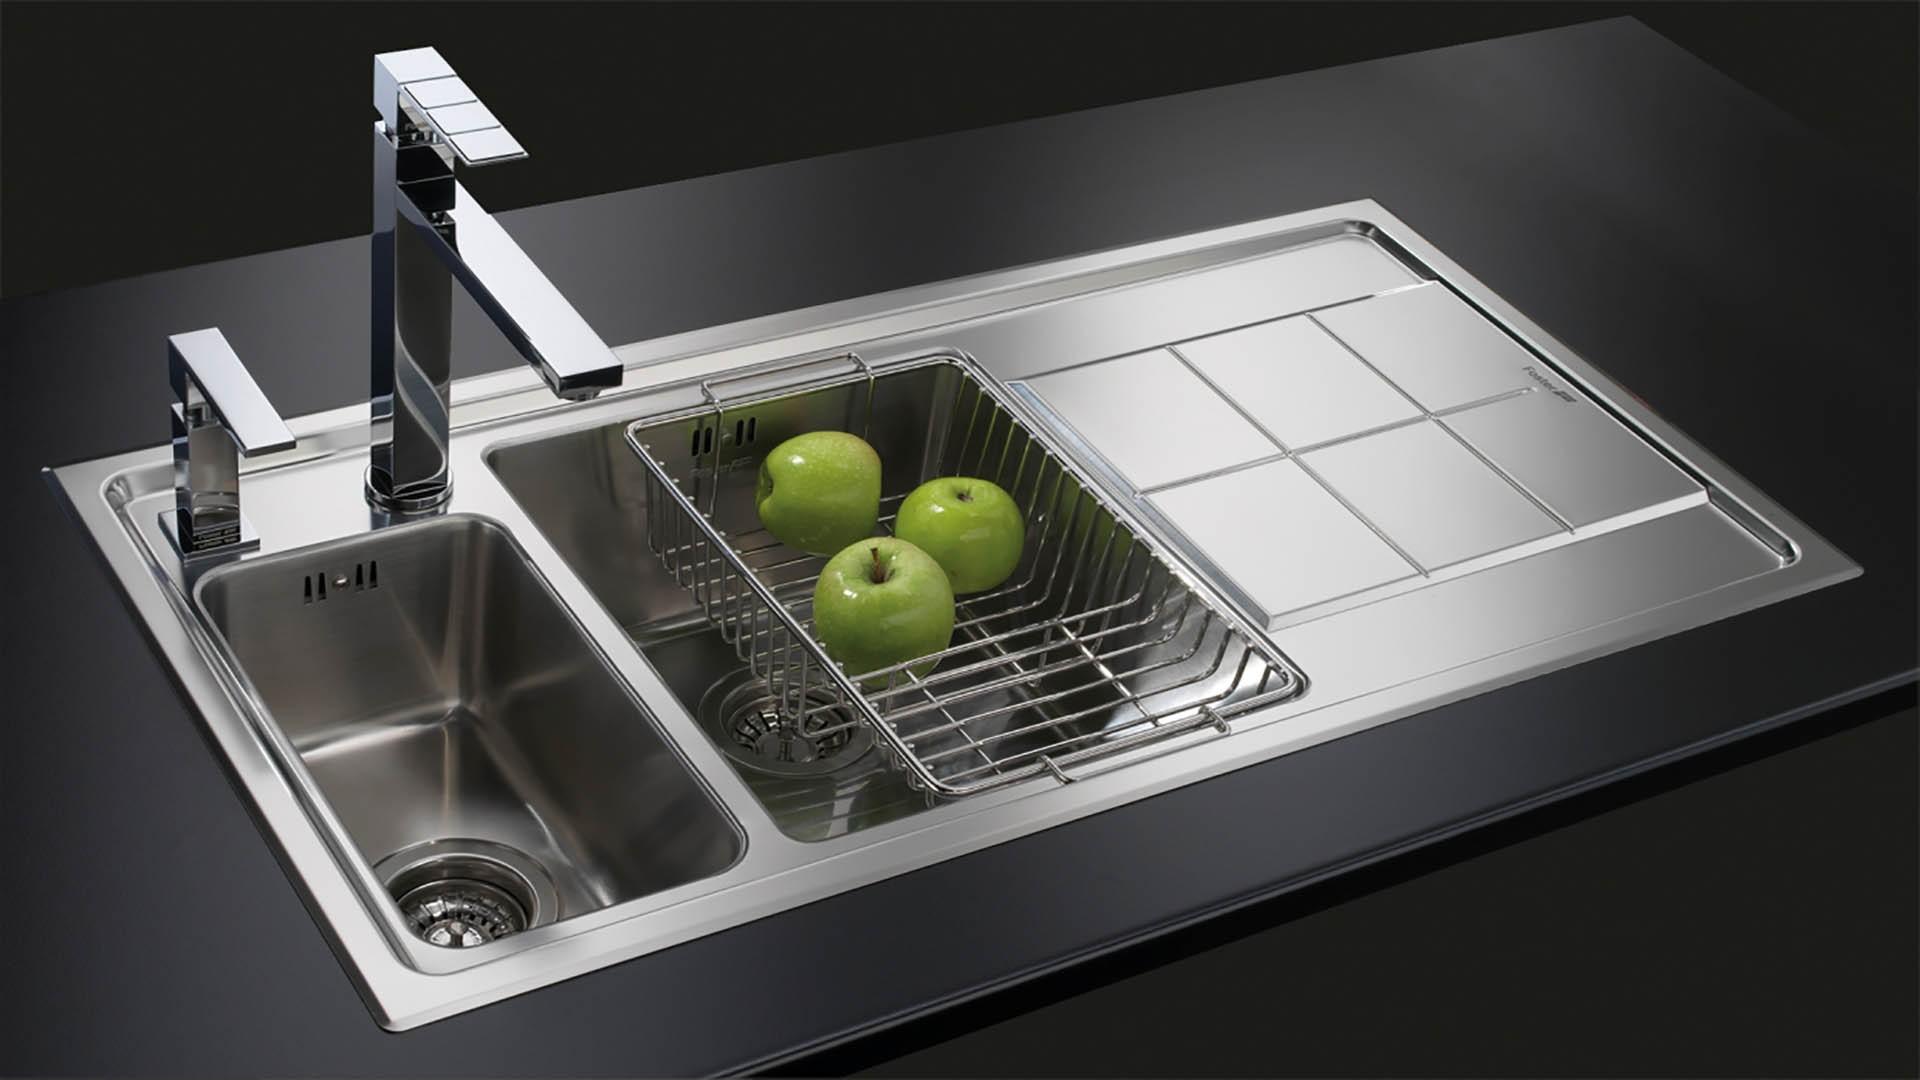 3 Escooh_Kitchens_Funzione_Lavaggio_03